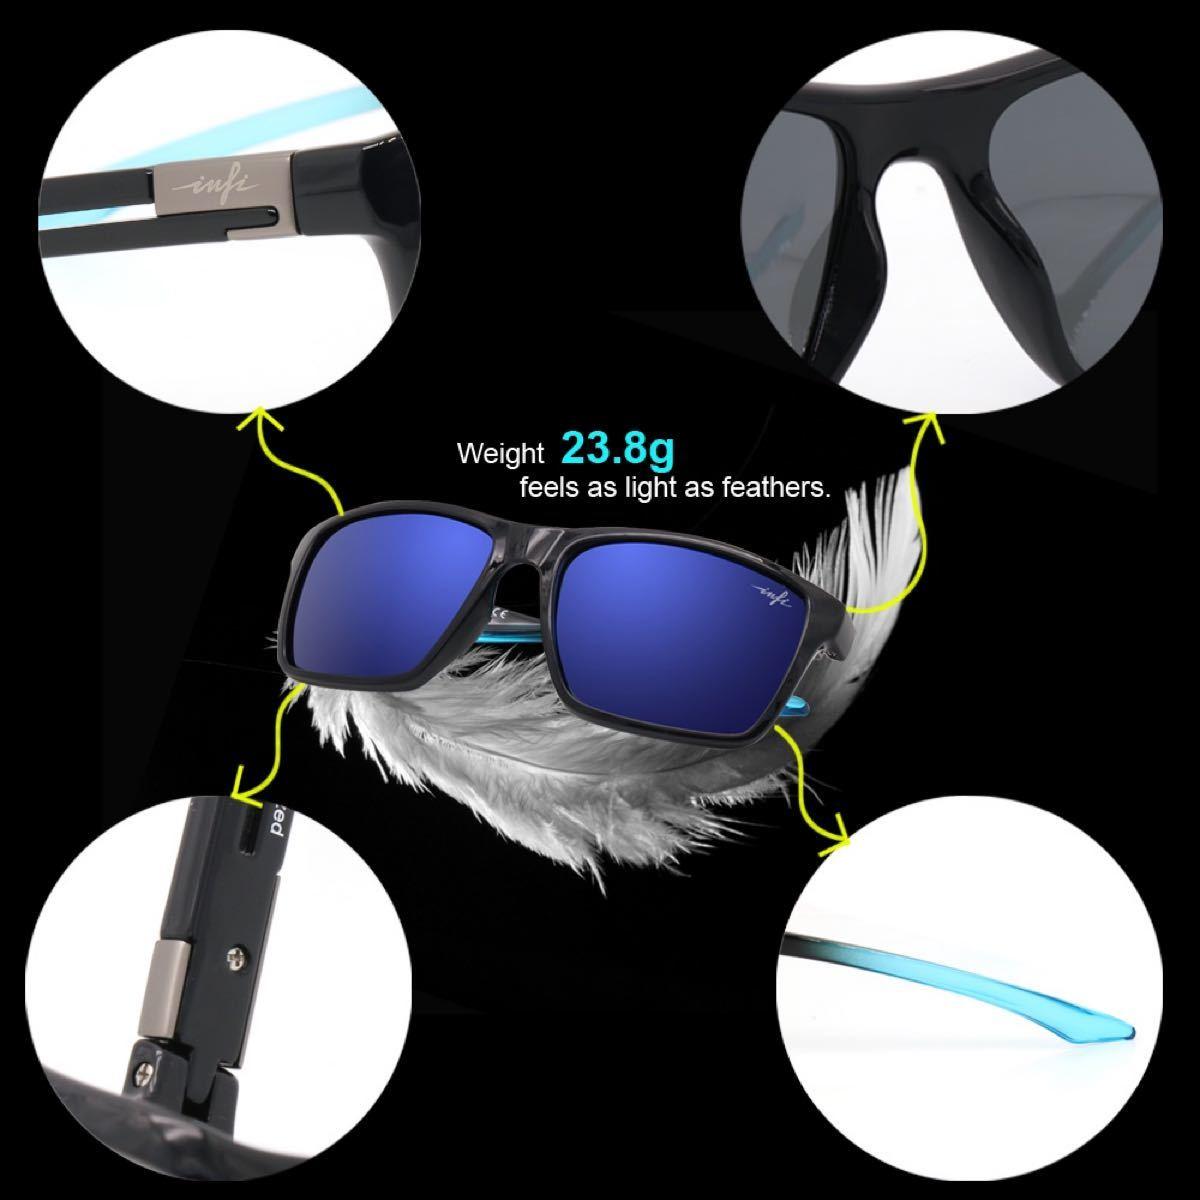 サングラス 男女兼用 超軽量 テニス ゴルフ 釣り スポーツ 偏光 UVカット